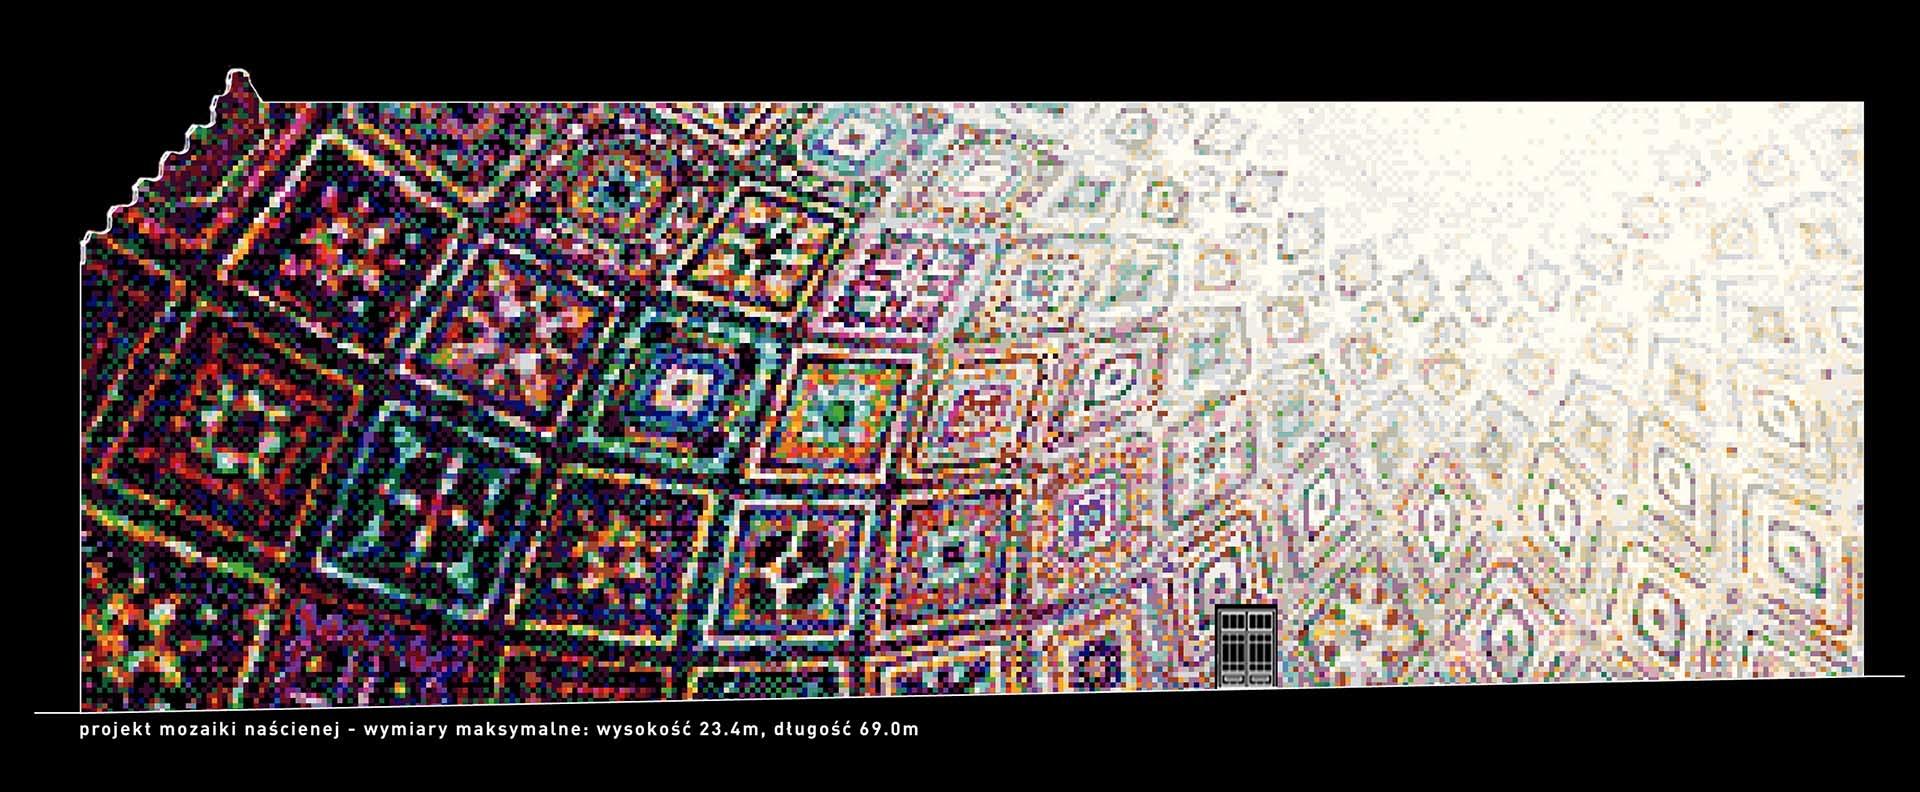 Sofft Mikołaj Smoleński Mosaic